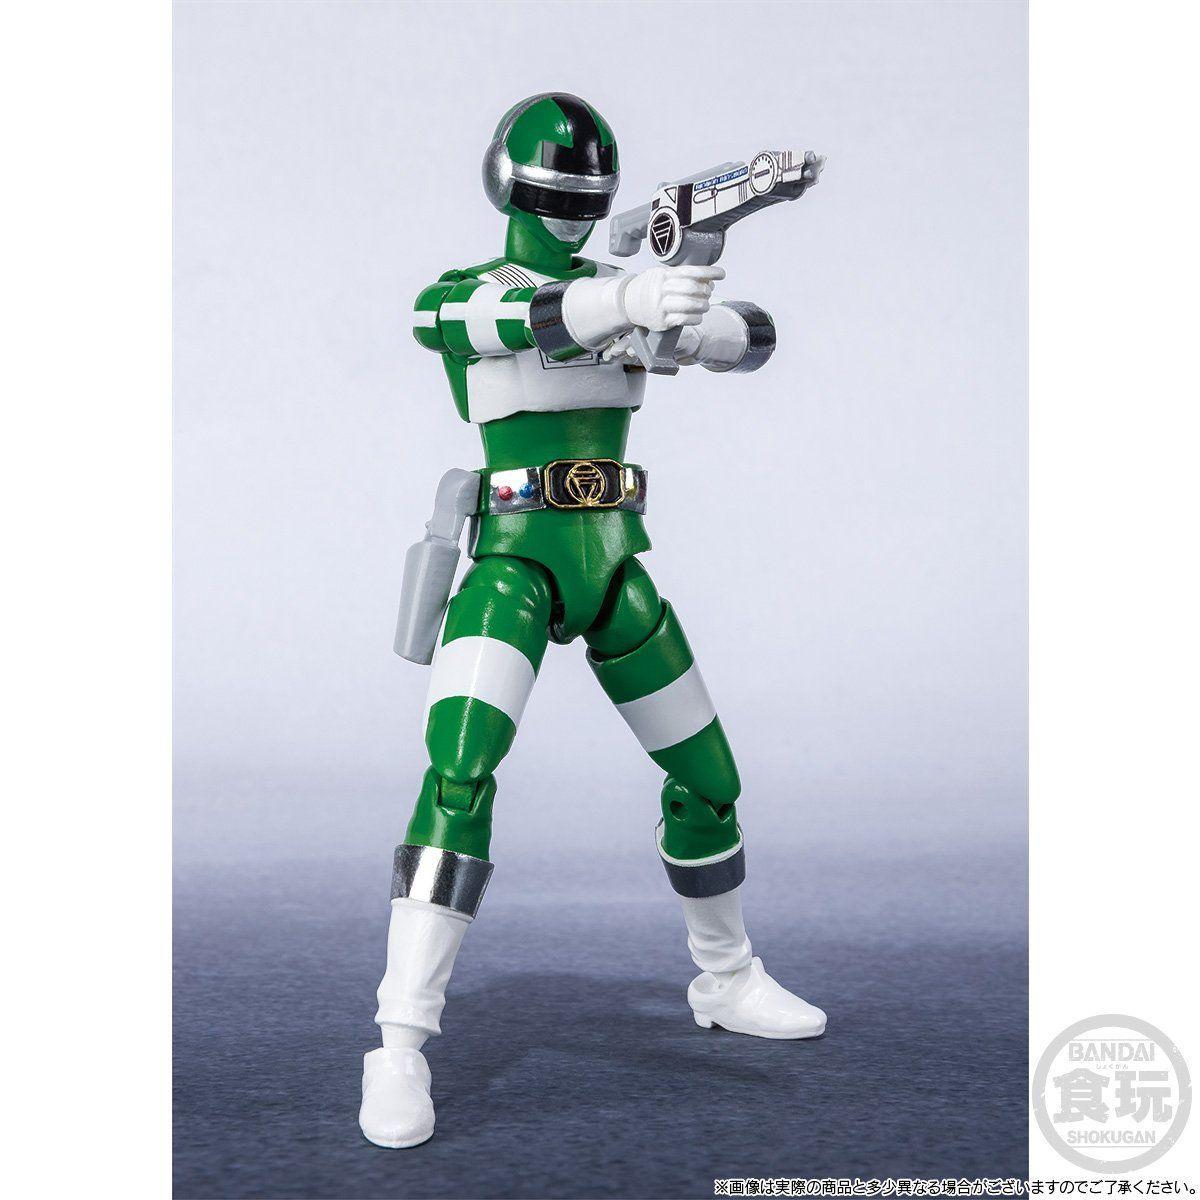 【限定販売】【食玩】SHODO SUPER『超電子バイオマン』可動フィギュア-005